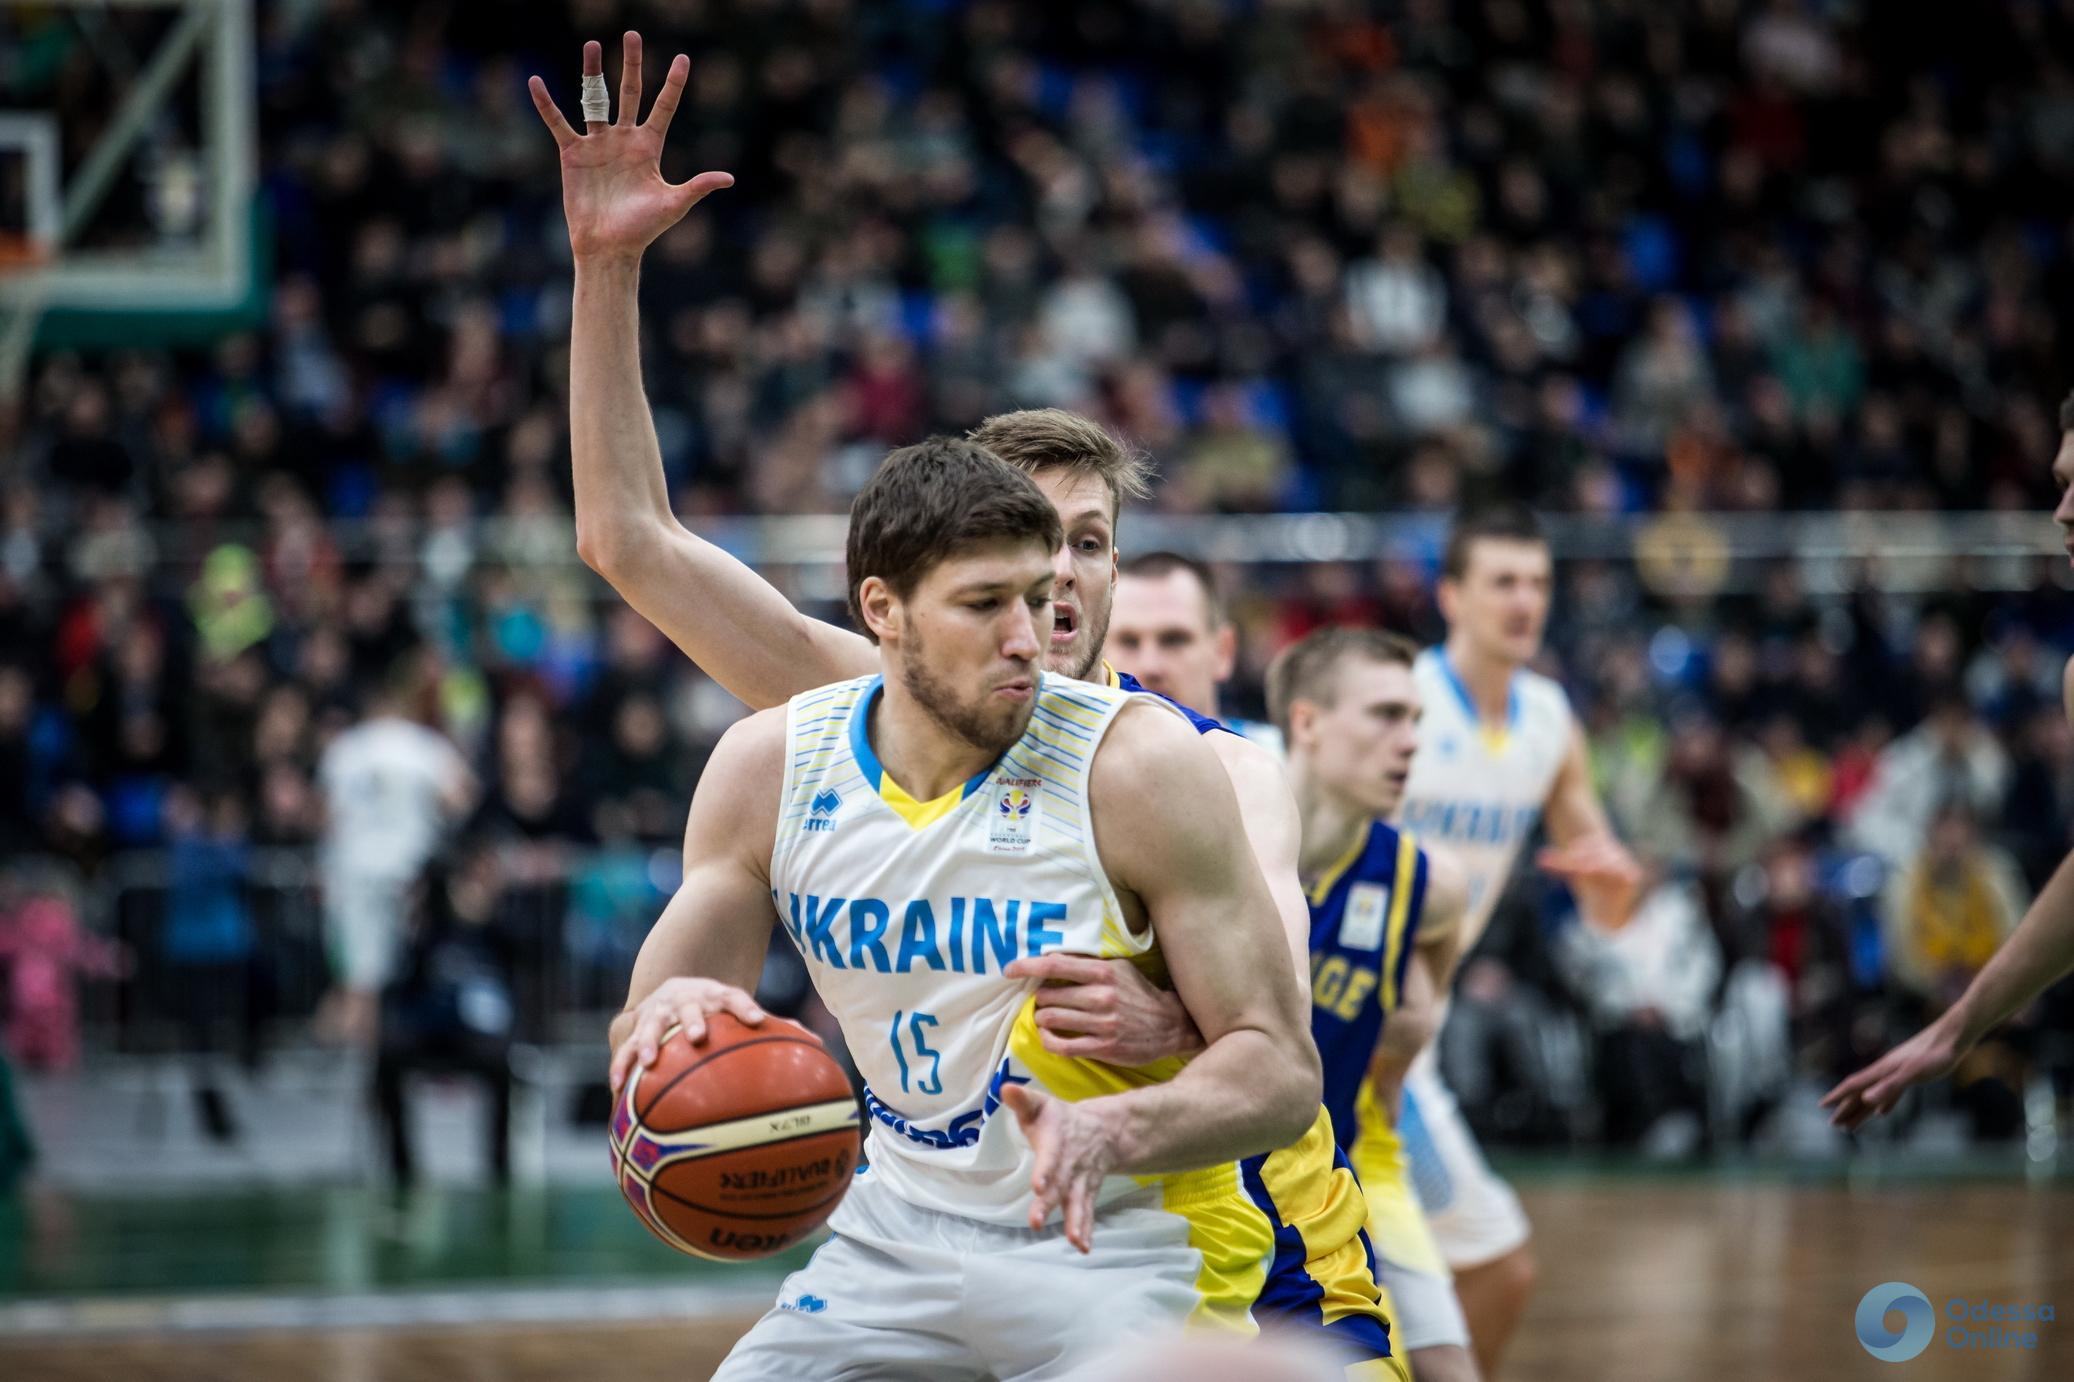 Пятеро представителей Одесской области вызваны в сборную Украины по баскетболу